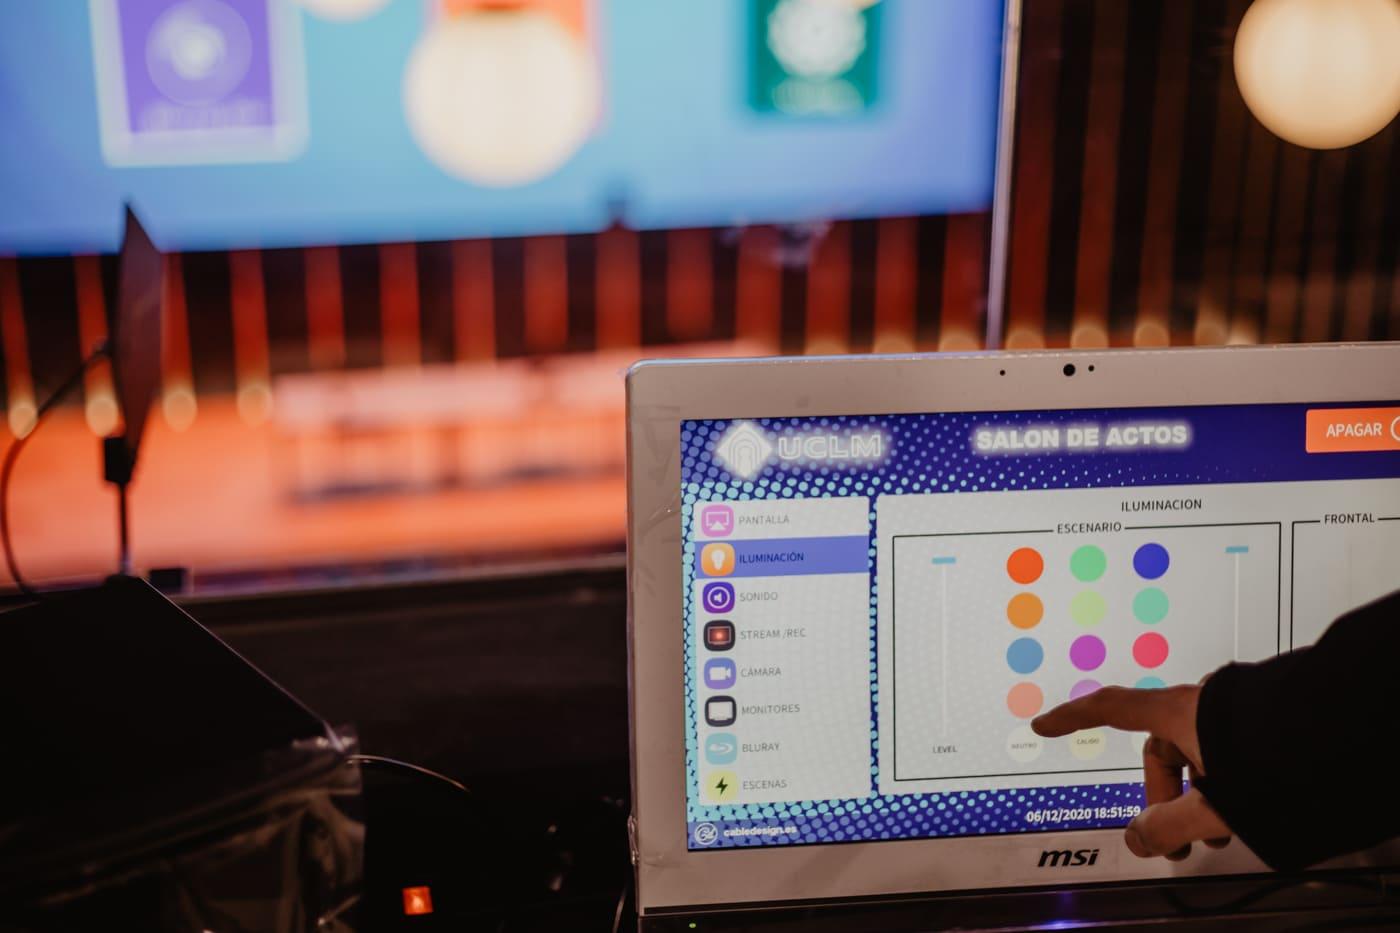 sitema-crestron-pantalla-tactil